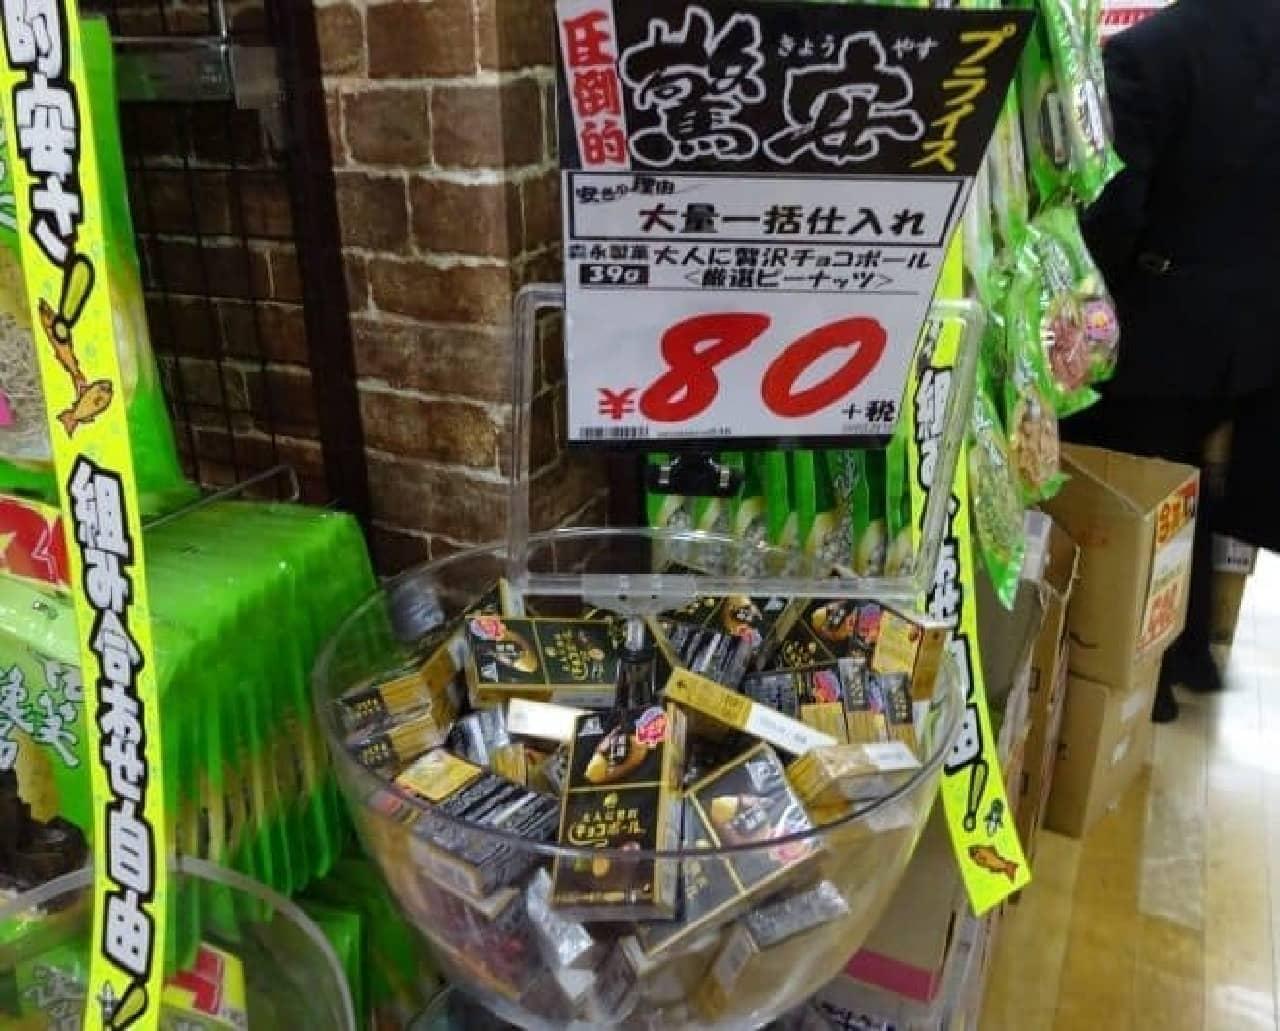 「大人に贅沢」なチョコボールも、これだけだと、ちょっとね  それにしても安い…。